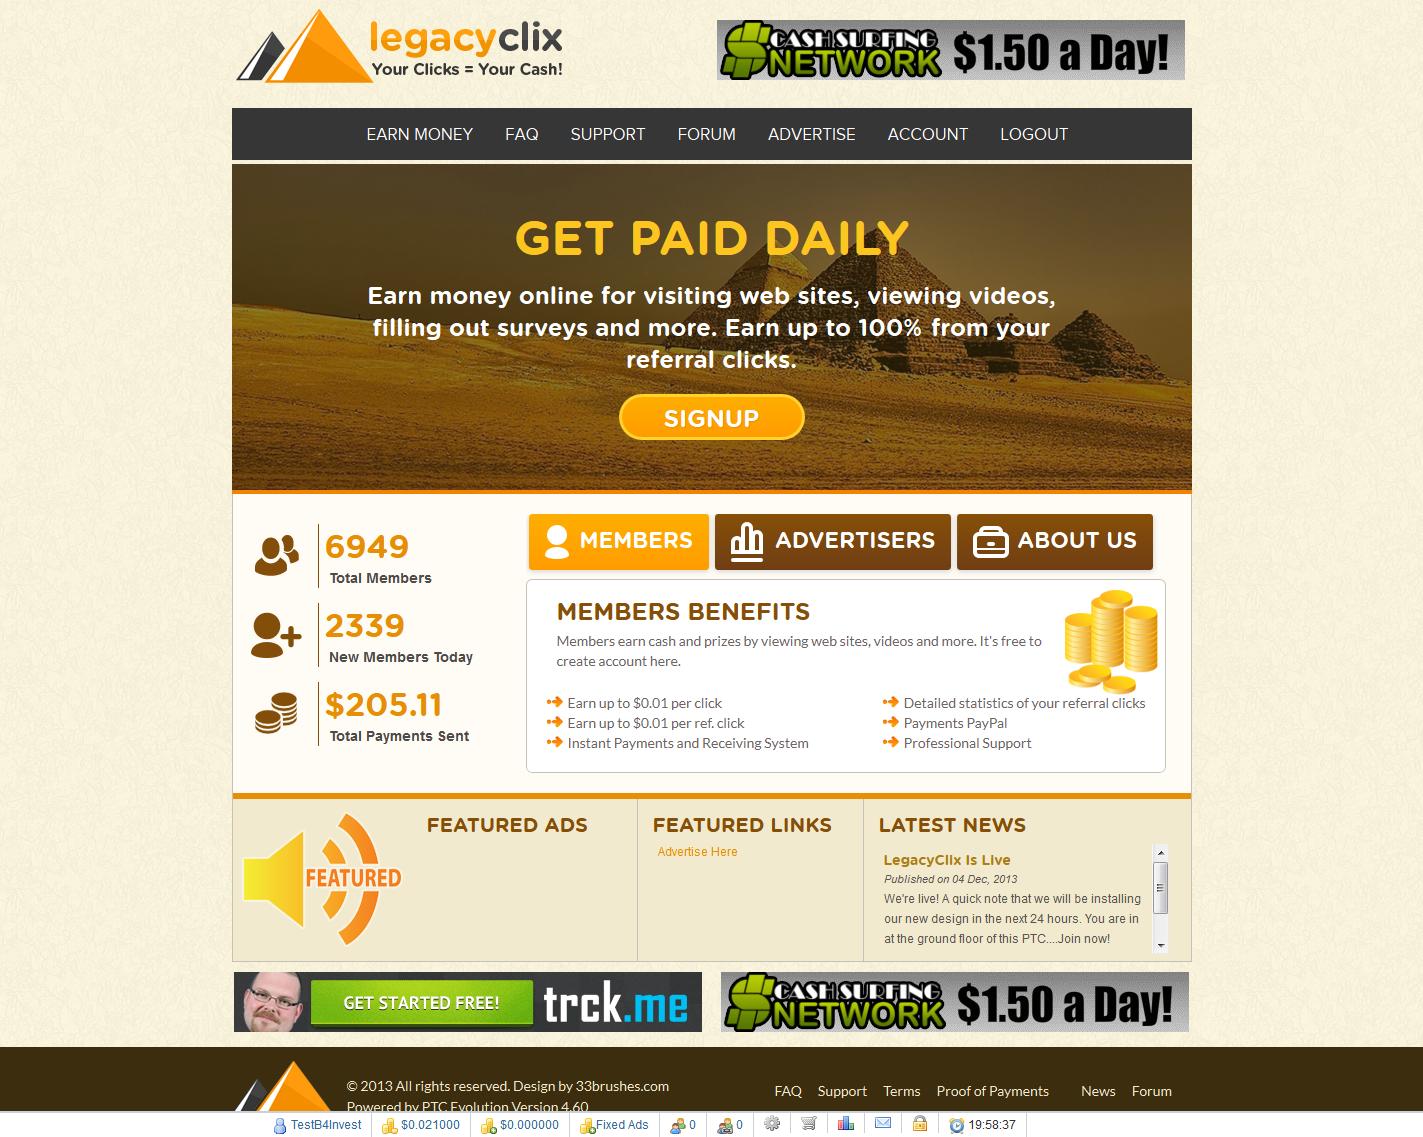 Gana dinero con Legacyclix nueva PTC - Dejamos de promocionar